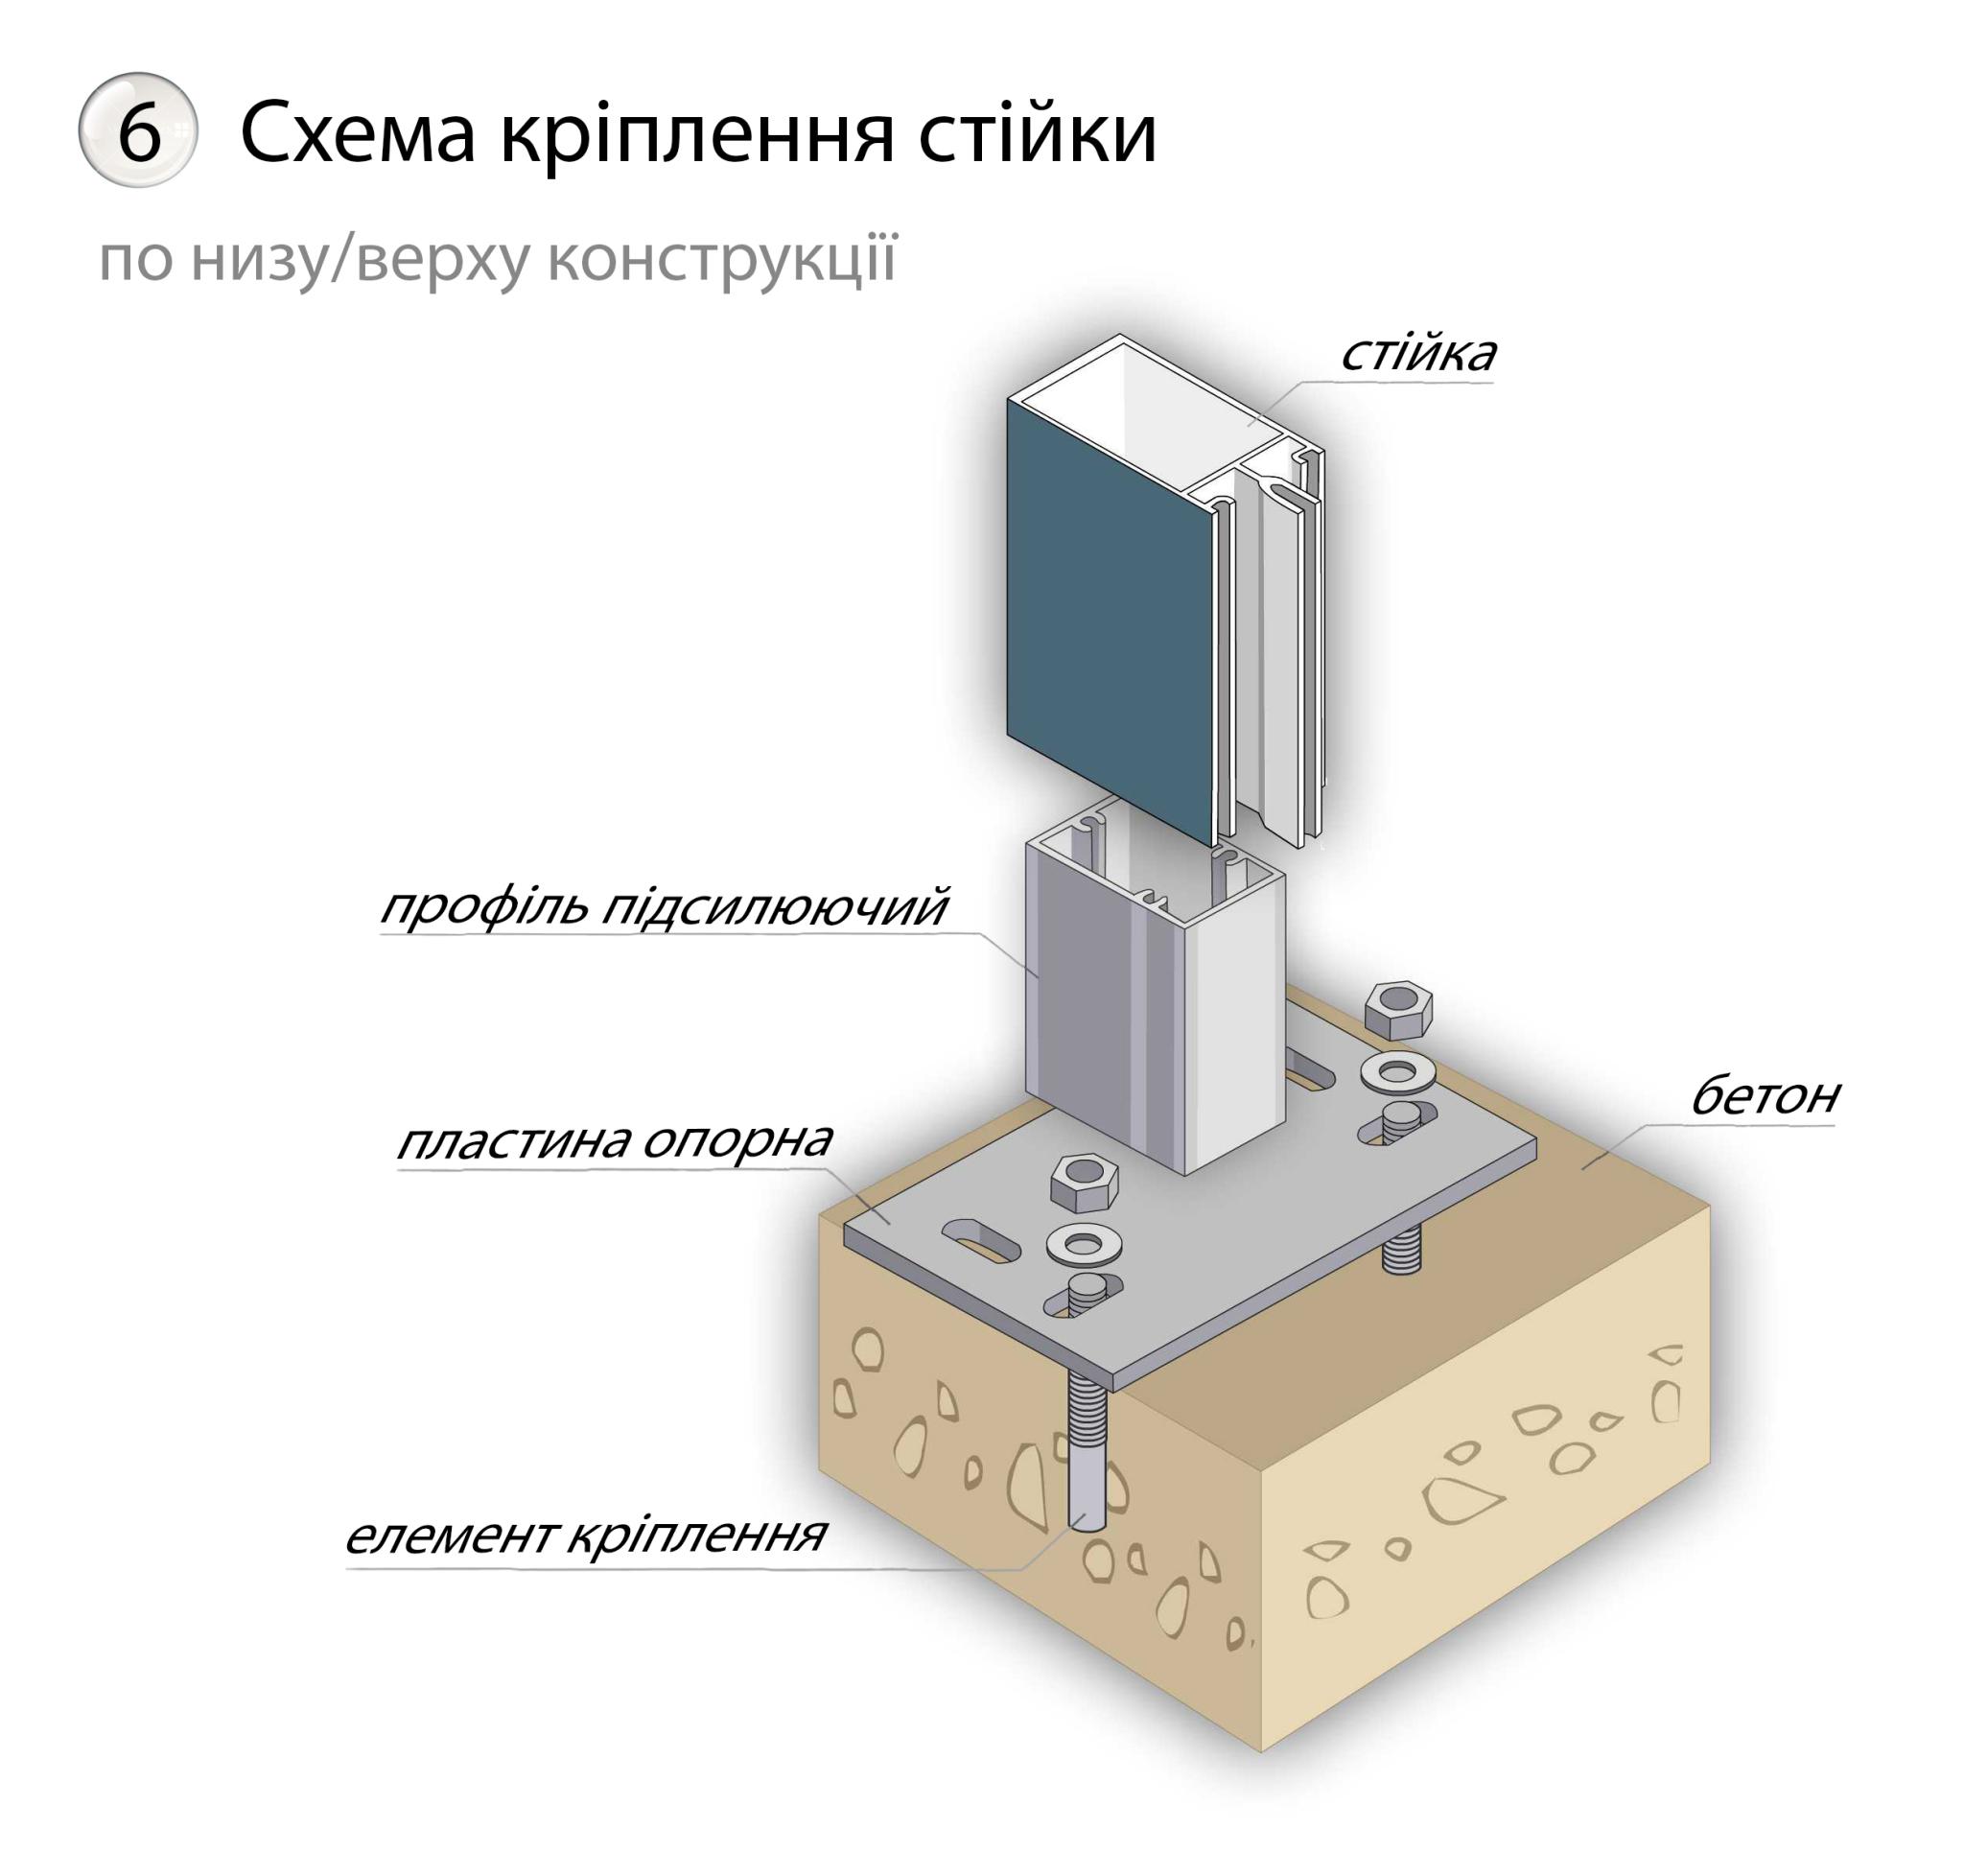 Схема кріплення стійки